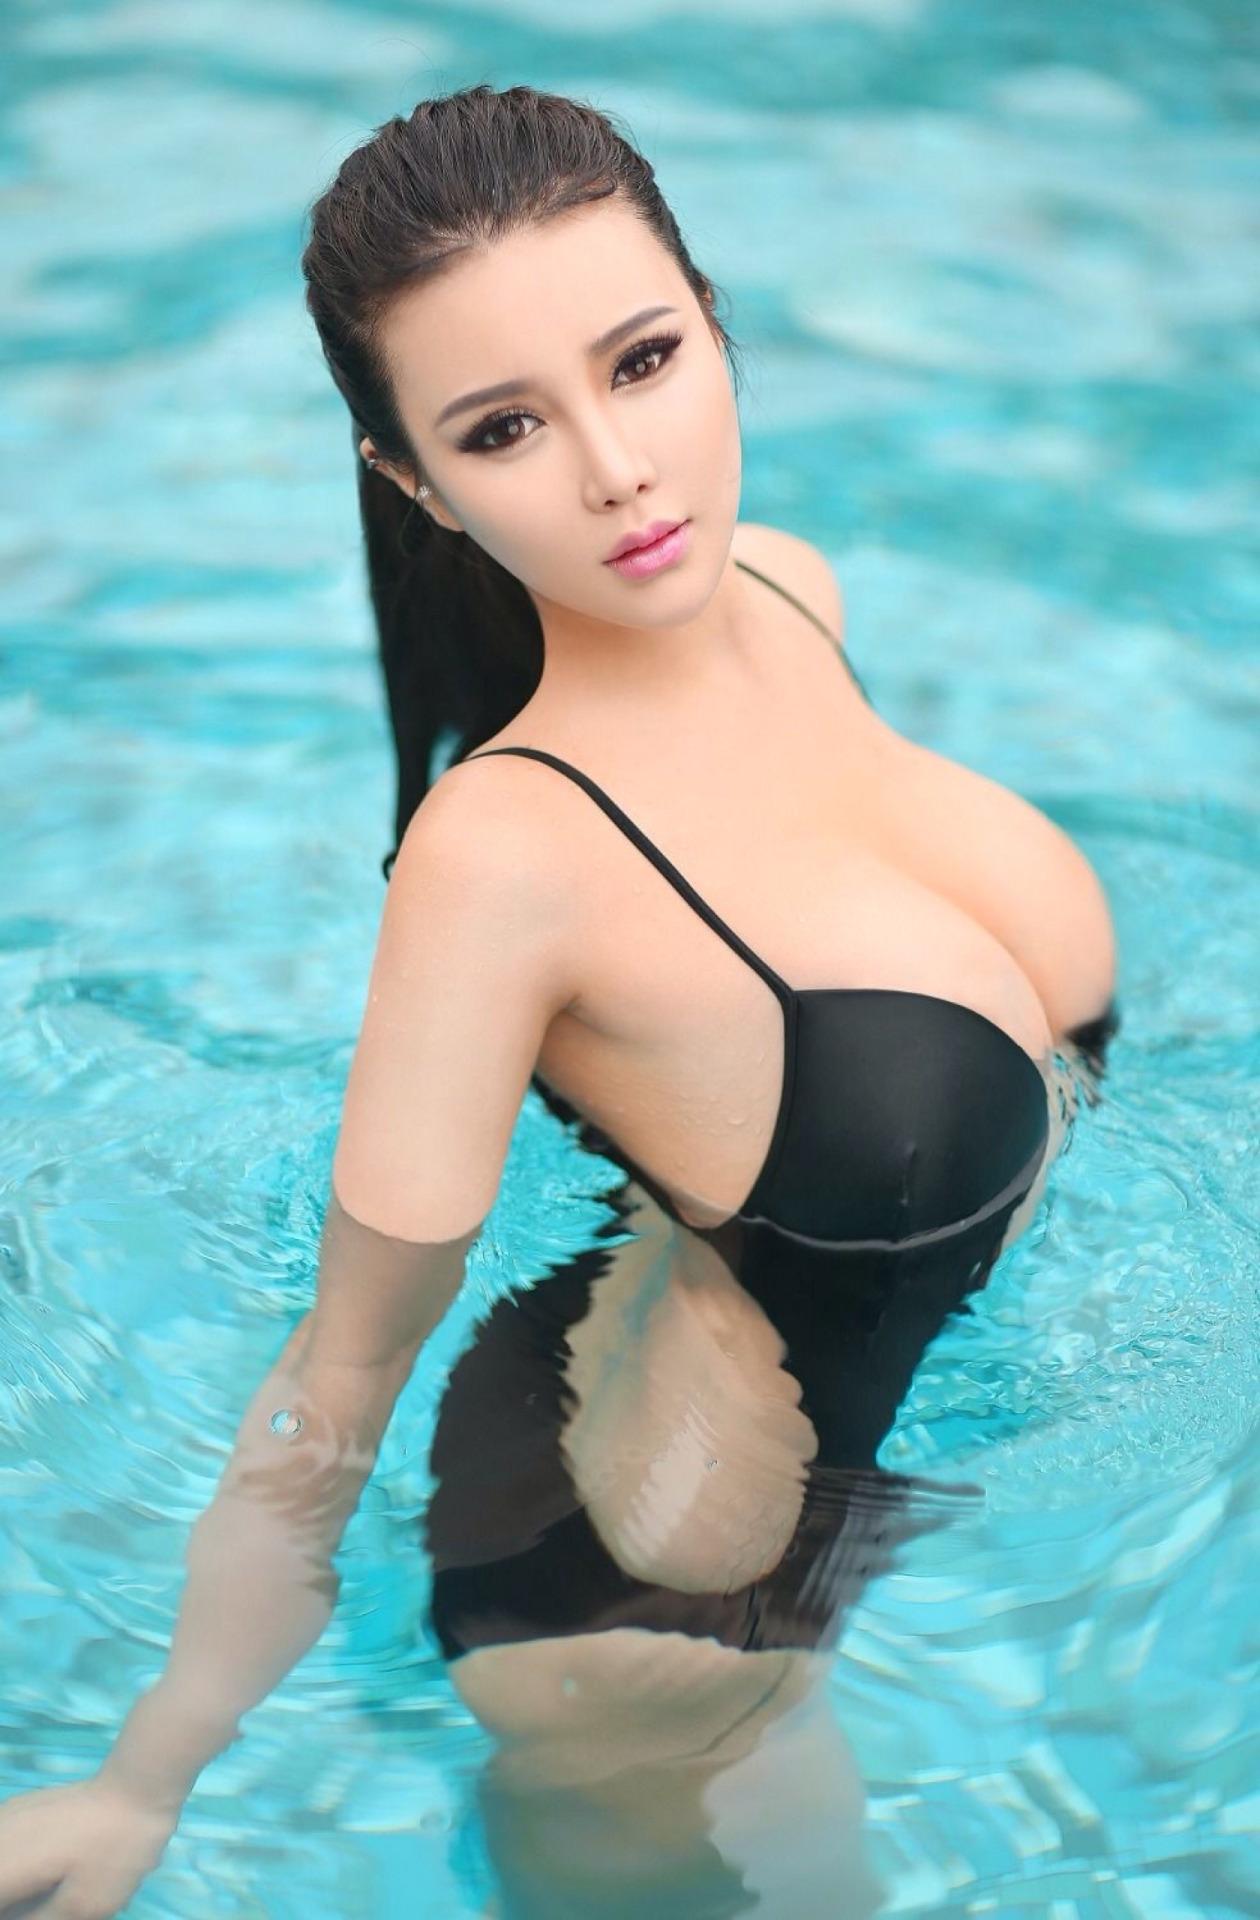 hot bikini Asian glamour